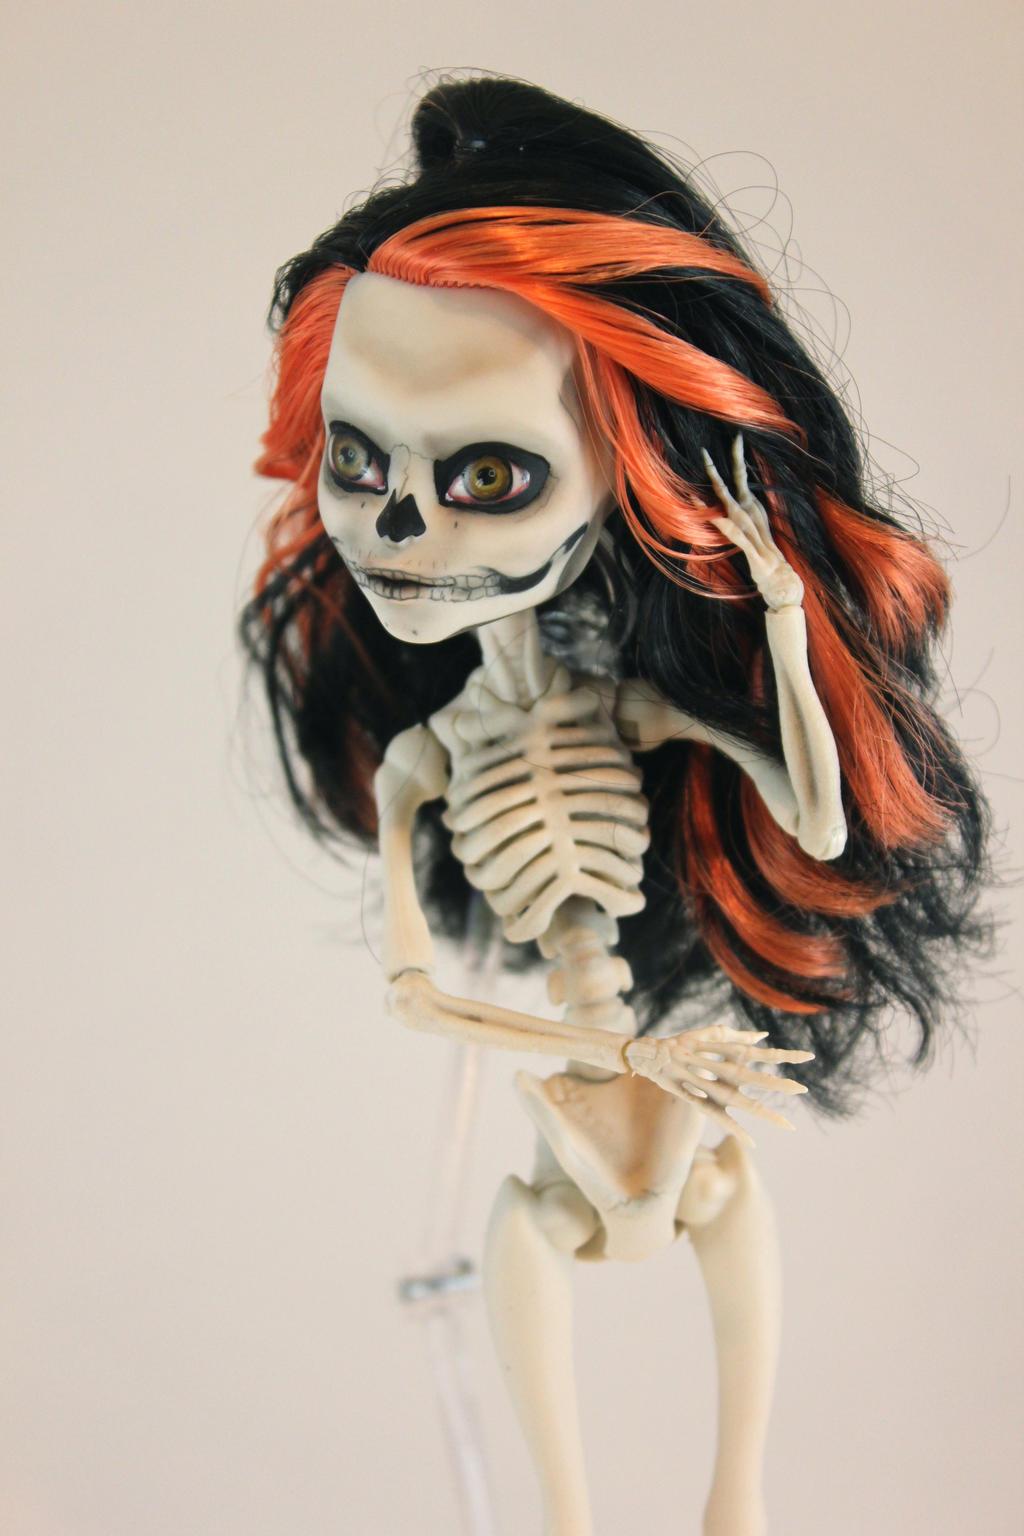 Skelita Repaint by FeralWorks